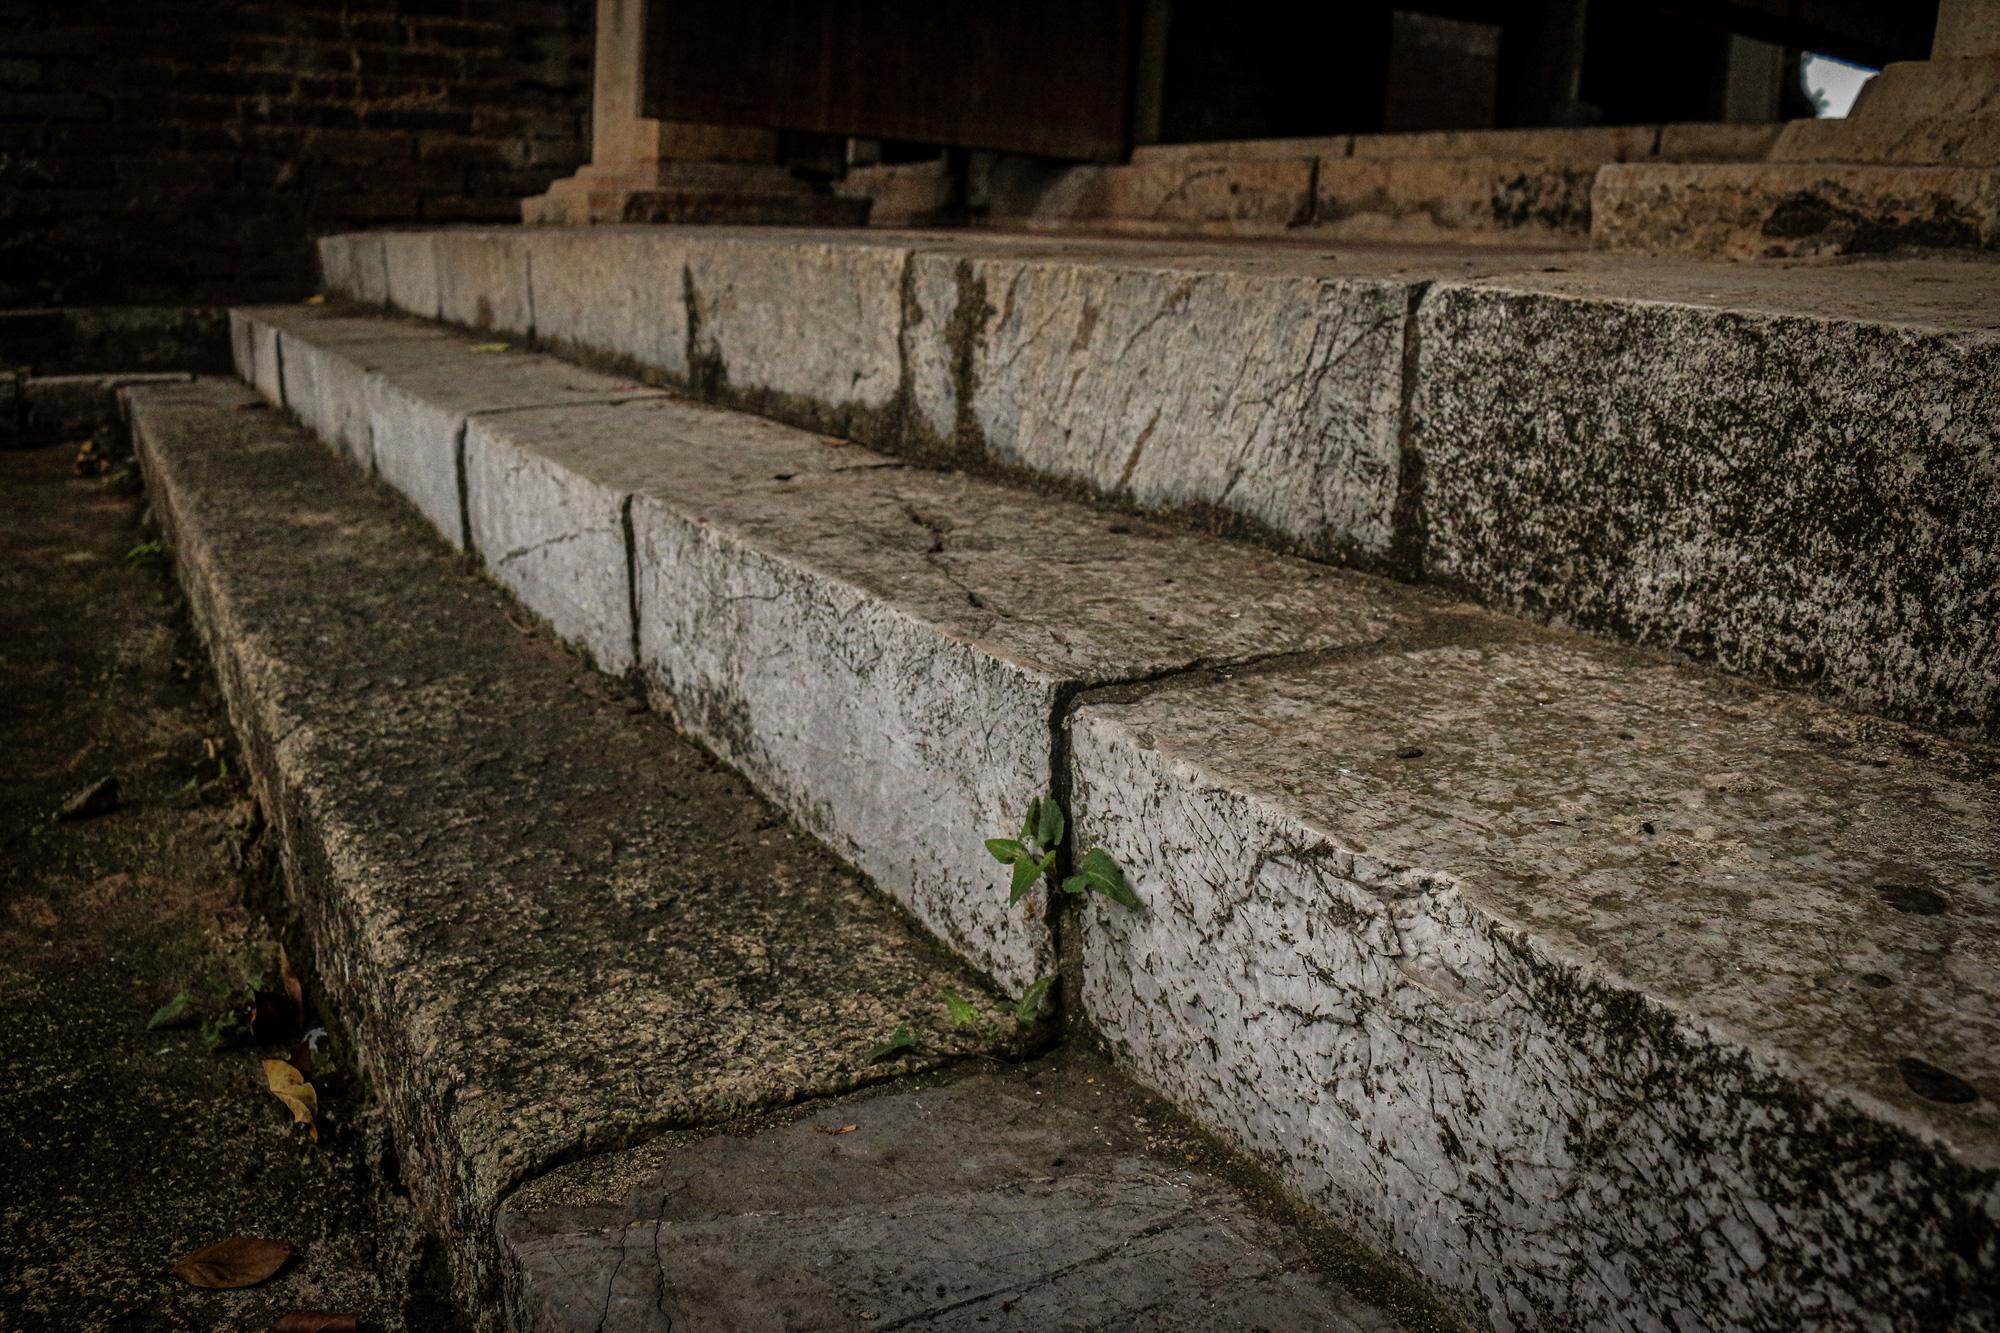 Đền đá Phú Đa: Nét kiến trúc độc đáo tồn tại hơn 300 năm lịch sử - Ảnh 12.